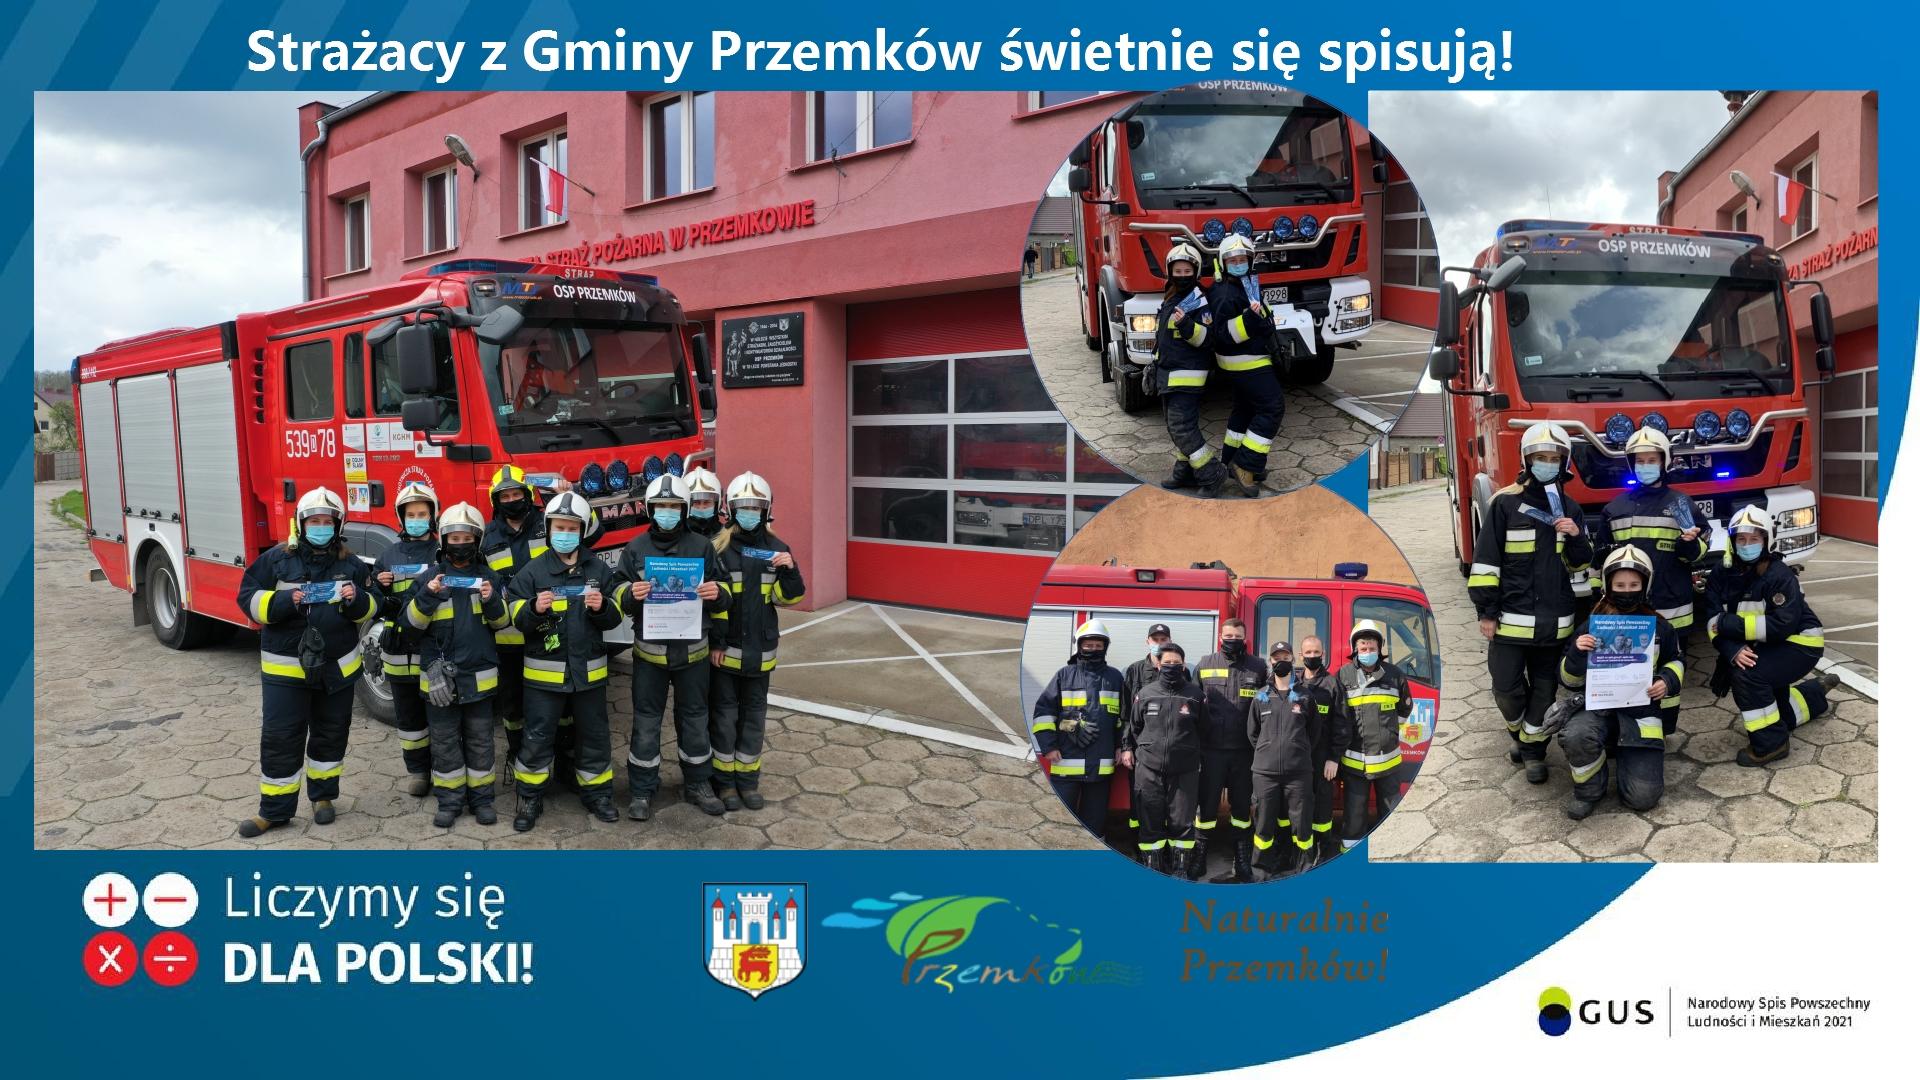 Strażacy z Gminy Przemków świetnie się spisują